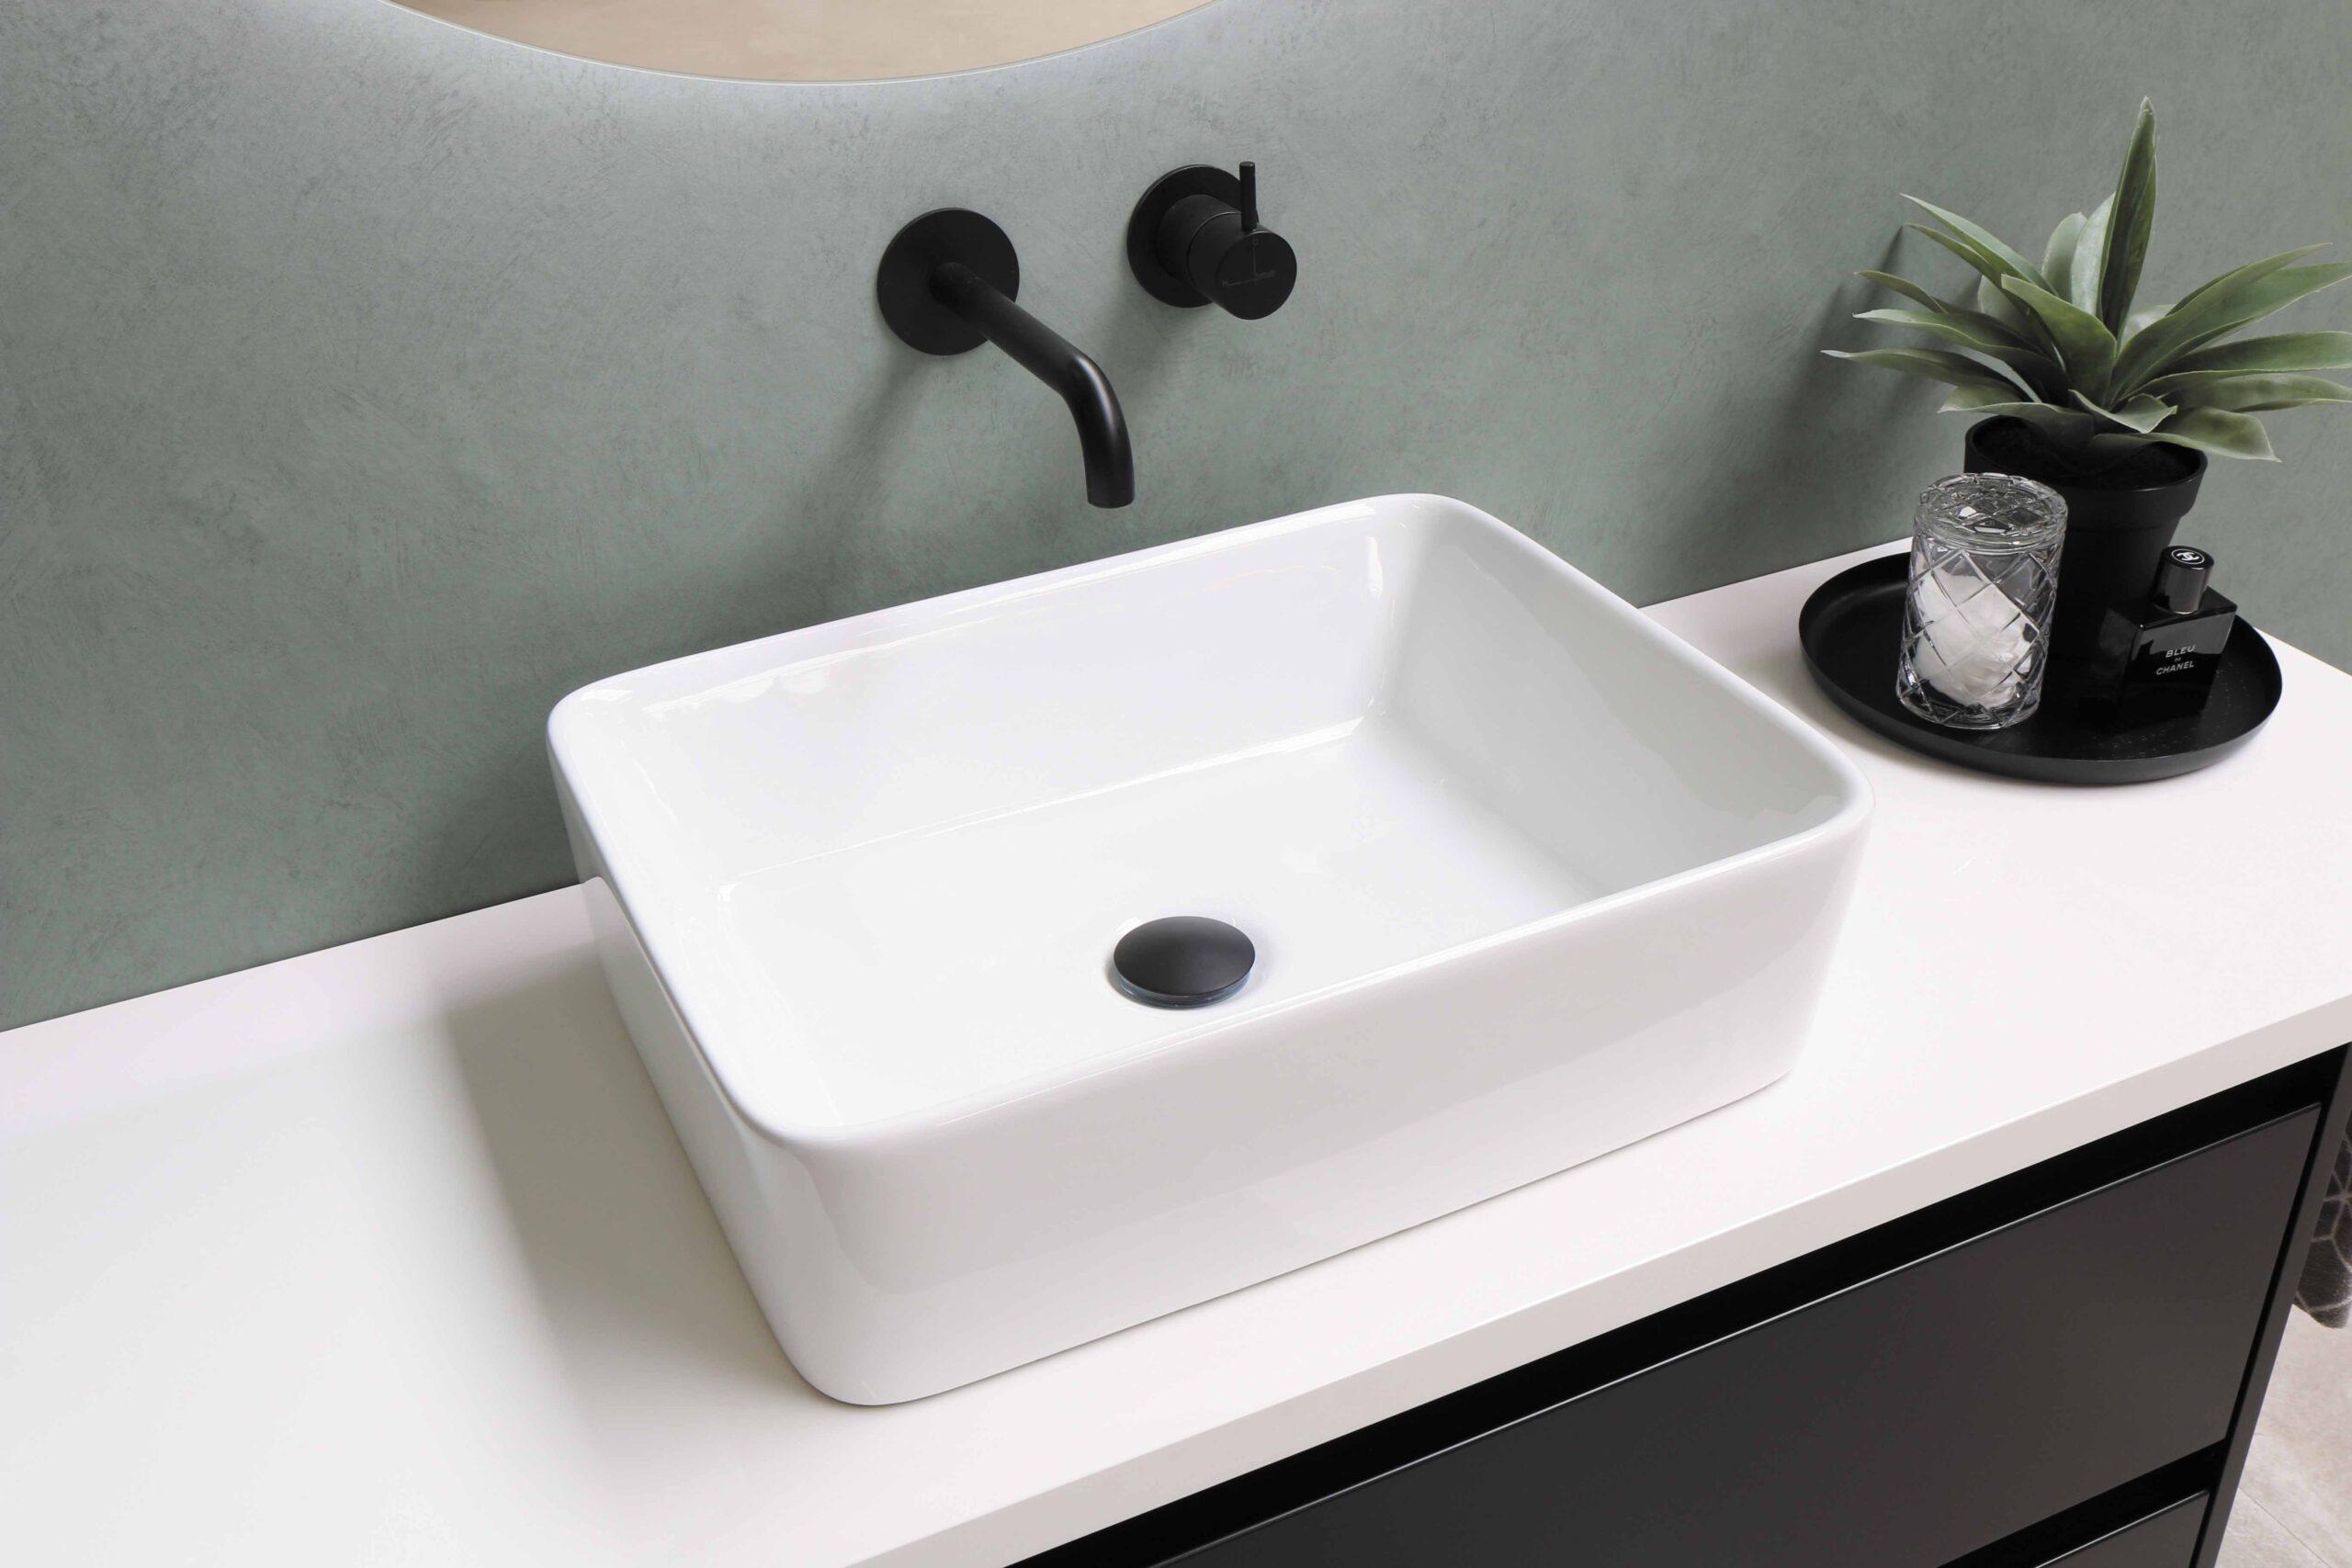 Sink Styles